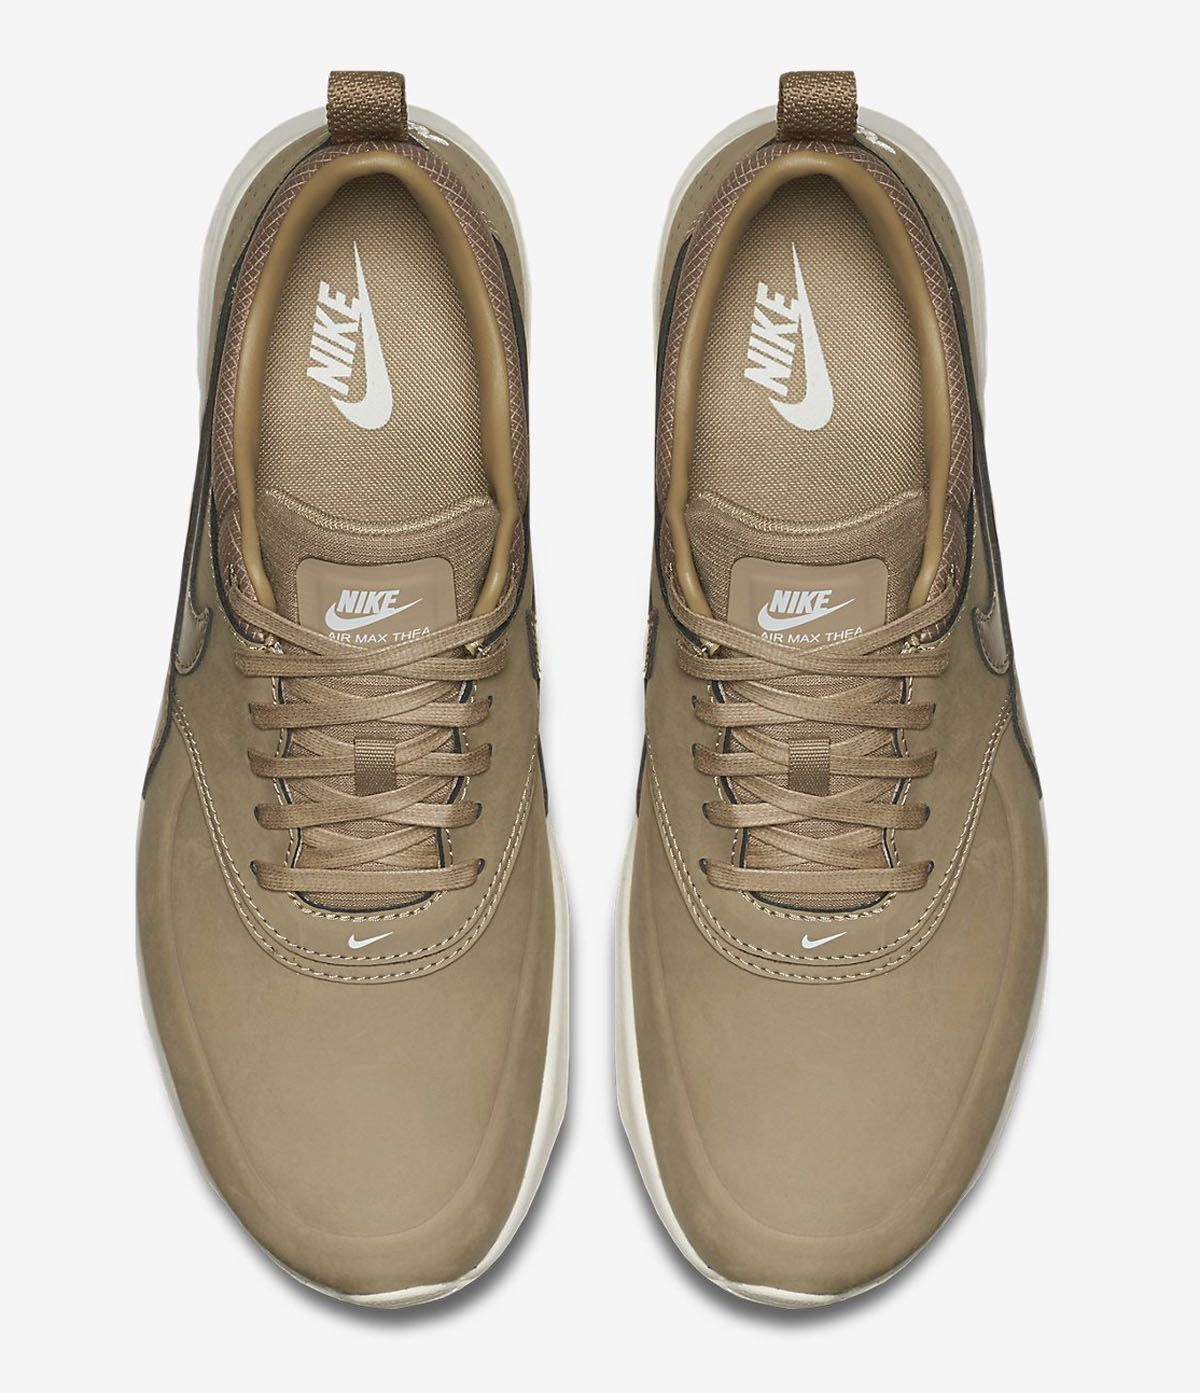 big sale 35e48 e5e89 Nike Air Max Thea Premium